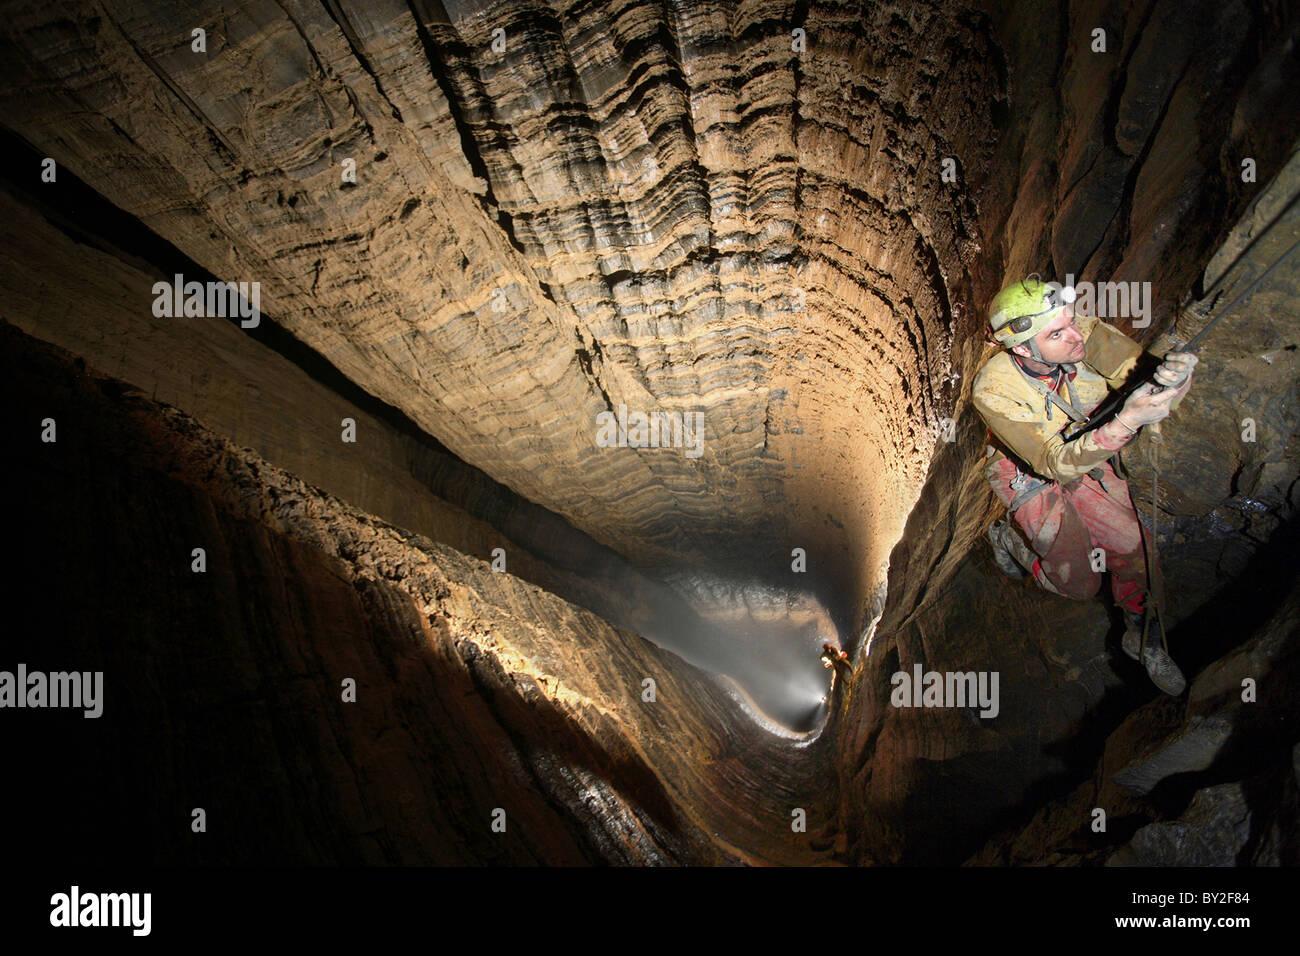 Un homme monte sur les cordes dans le plus grand arbre du monde souterrain appelé Miao Keng en Chine. Banque D'Images